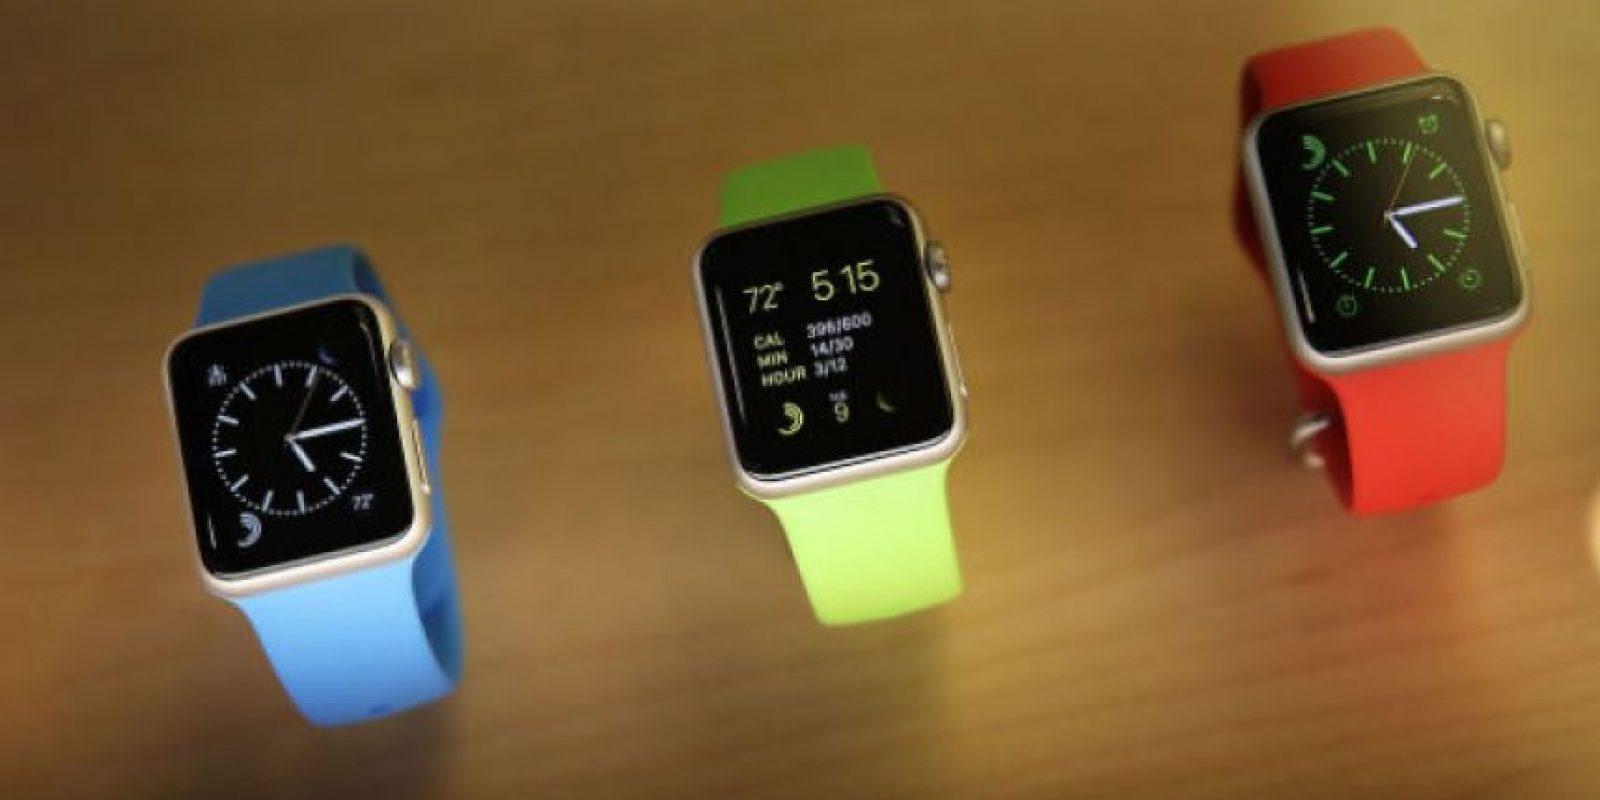 El primer reloj inteligente de Apple fue entregado 15 días después de su preventa online Foto:Getty Images